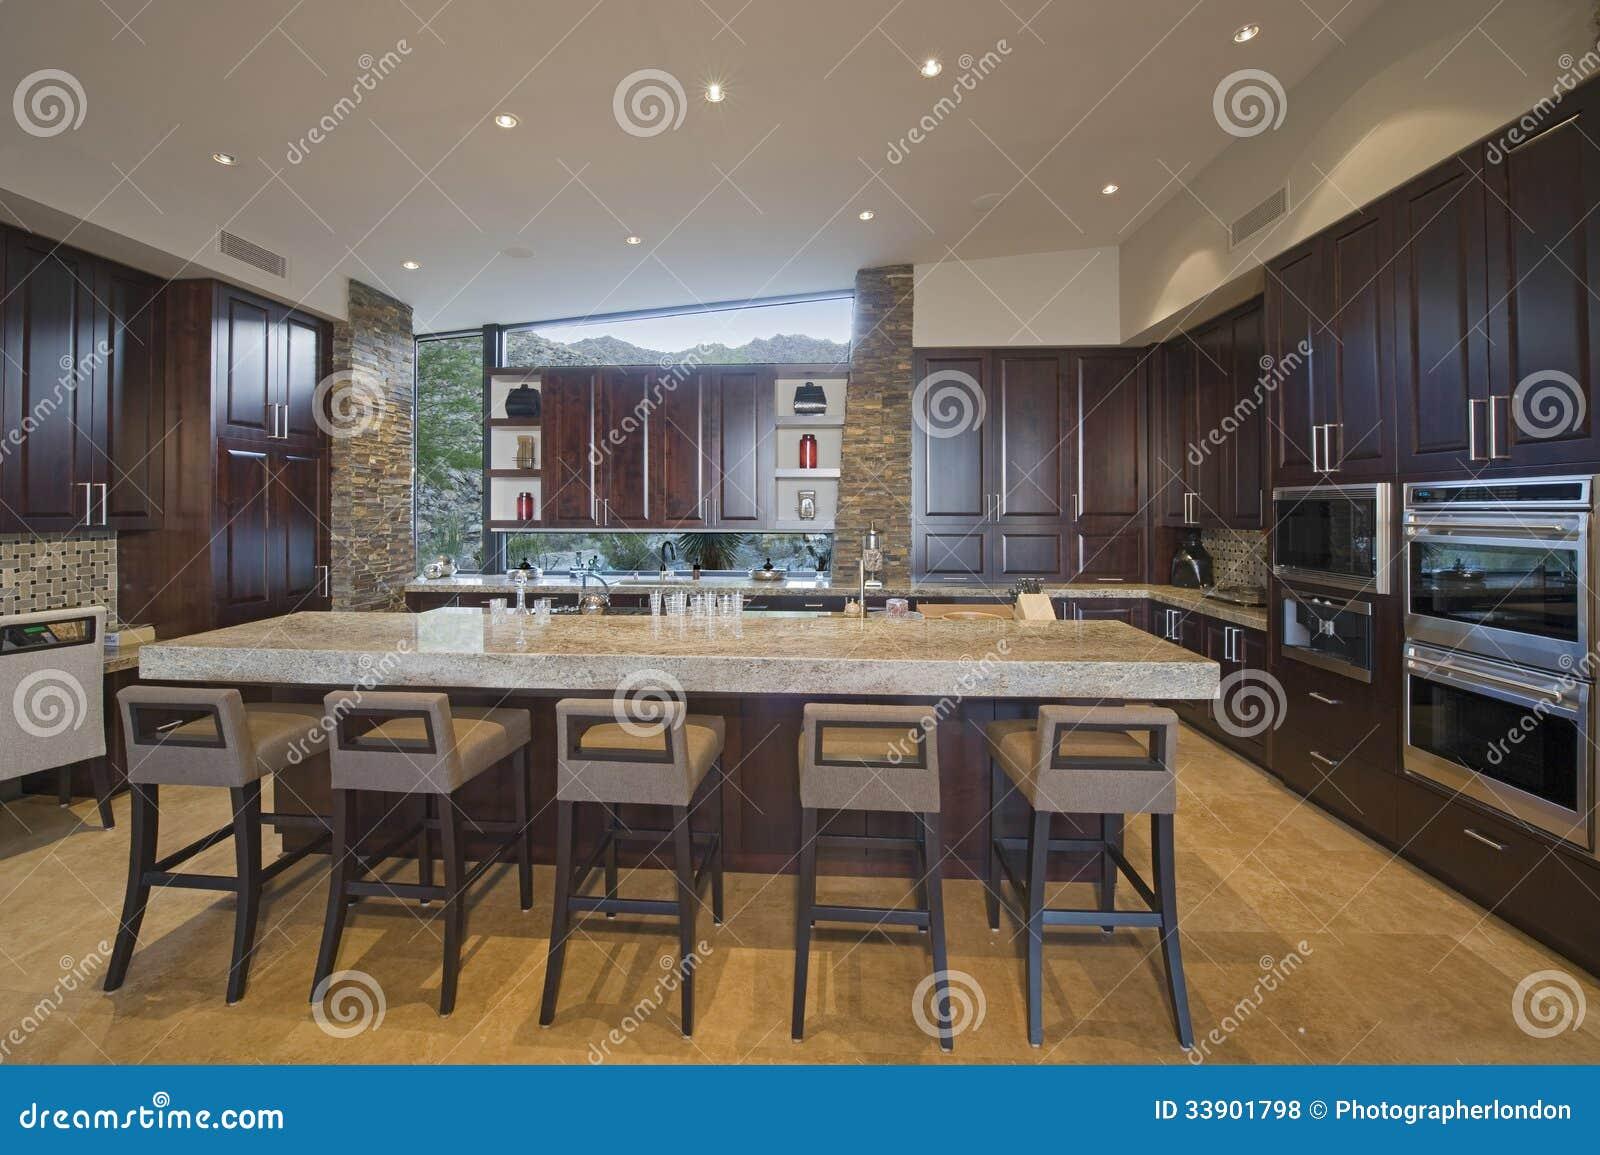 Ruime keuken met krukken bij eiland binnenshuis royalty vrije ...